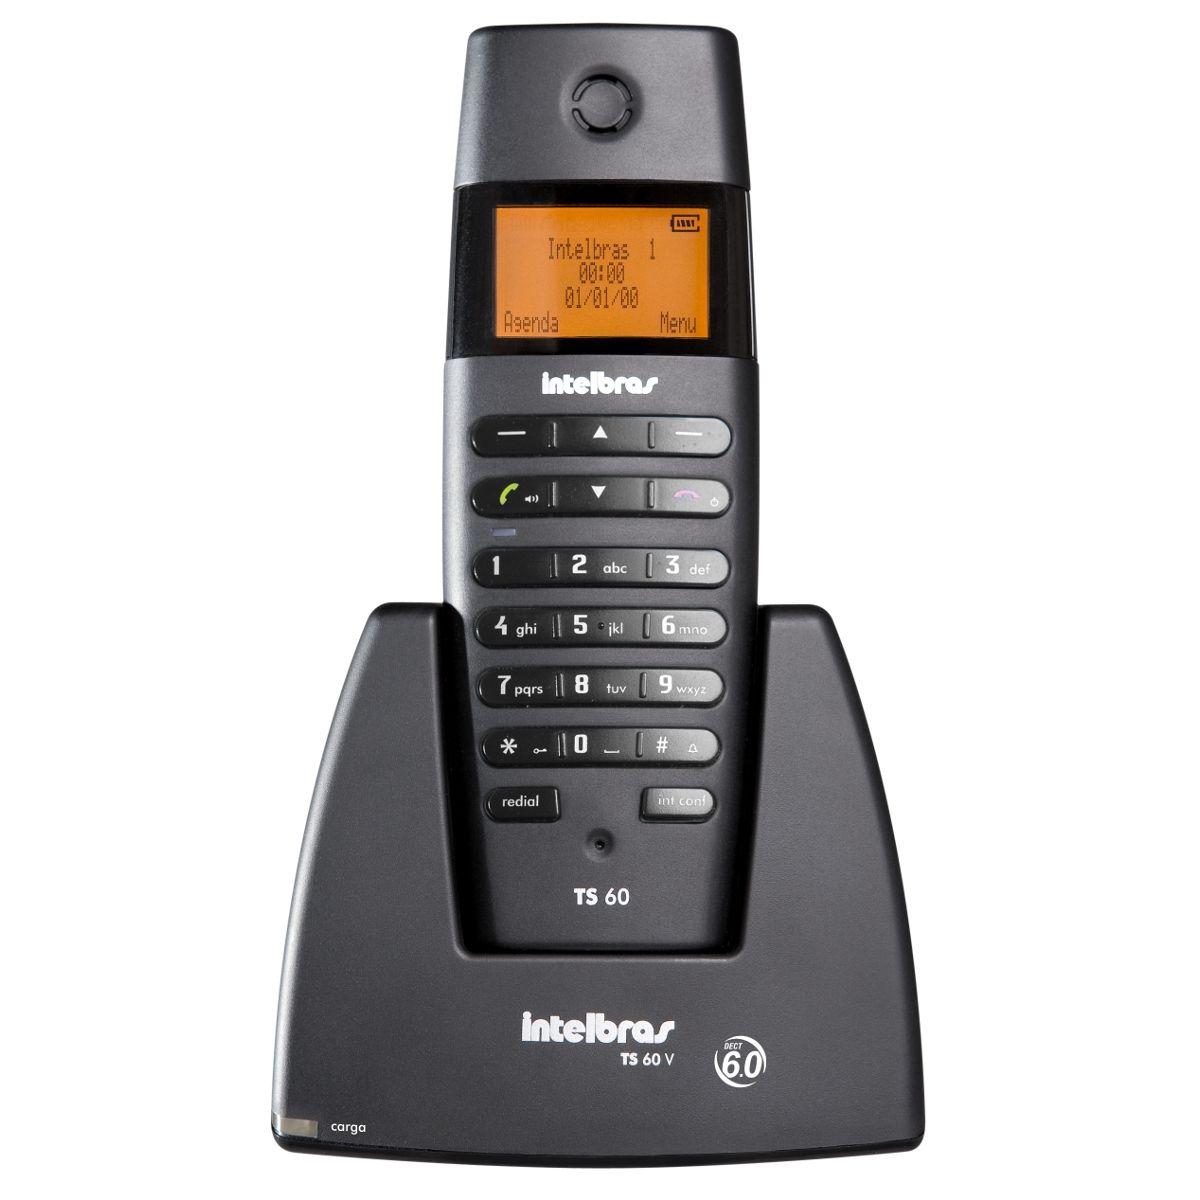 Telefone Intelbras TS 60 V sem fio - Hope Tech Telecomunicações